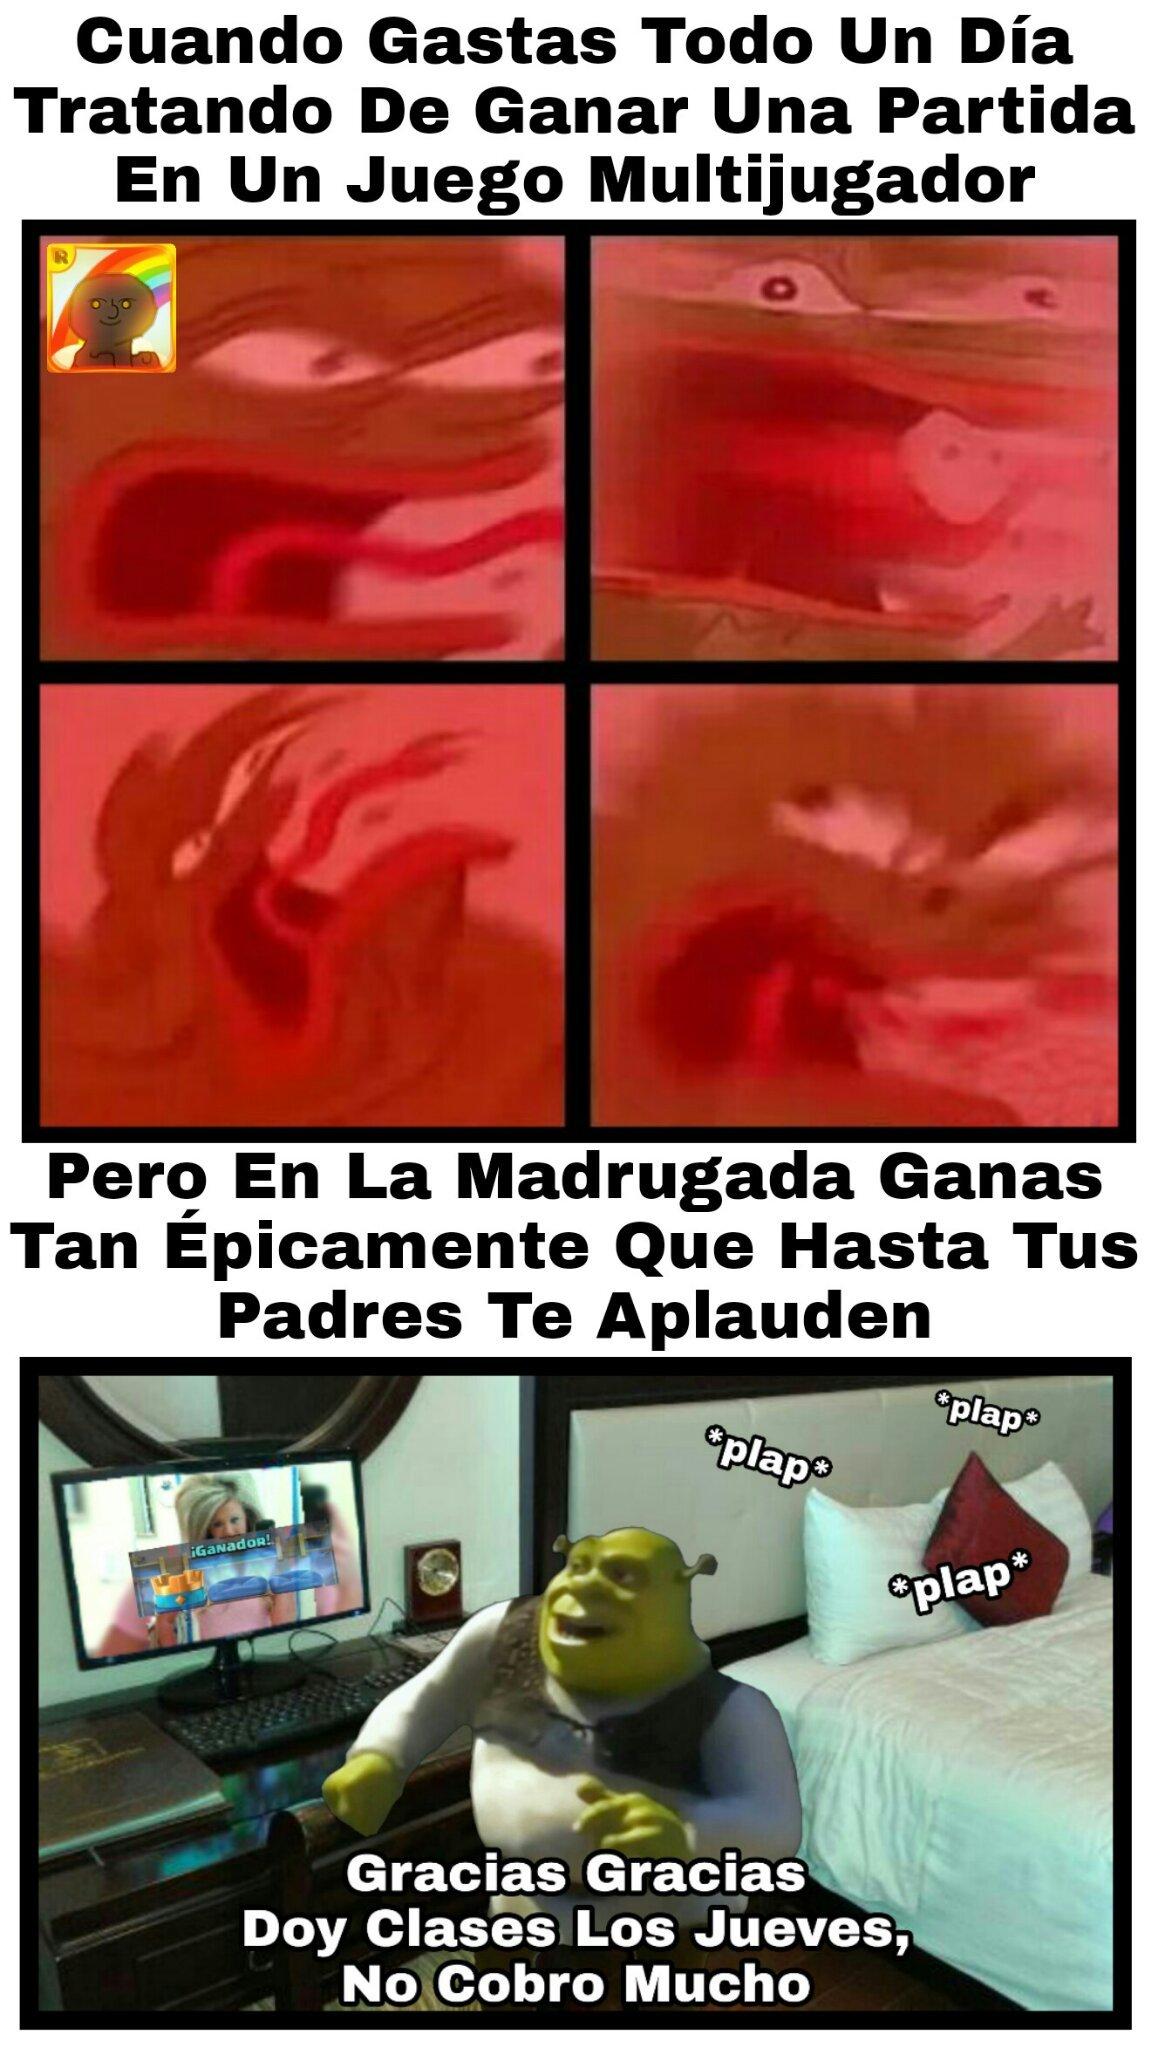 Partida Online - meme